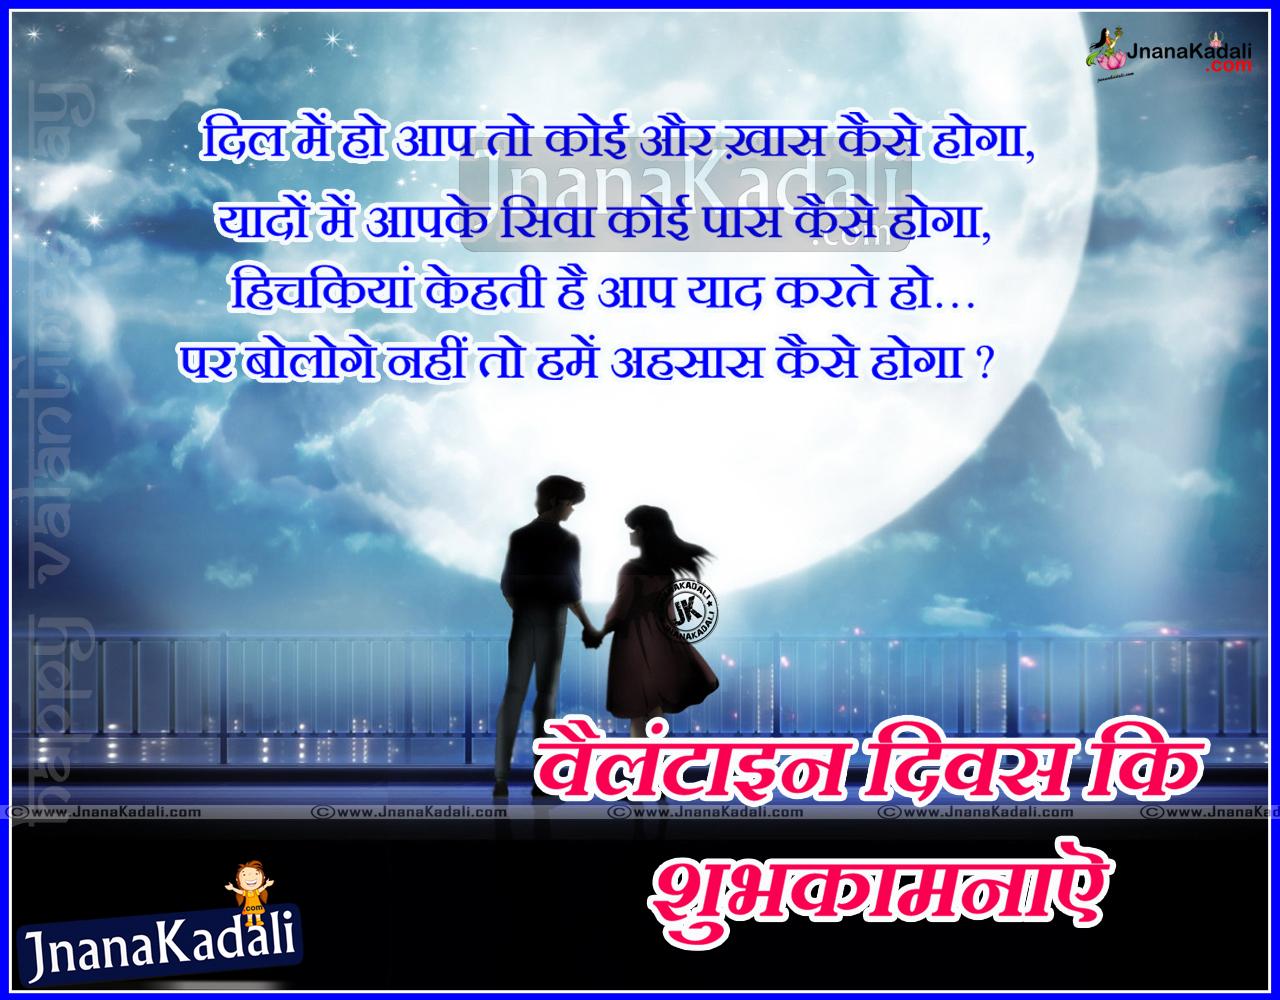 English Shayari Wallpaper Hd  impremedia.net